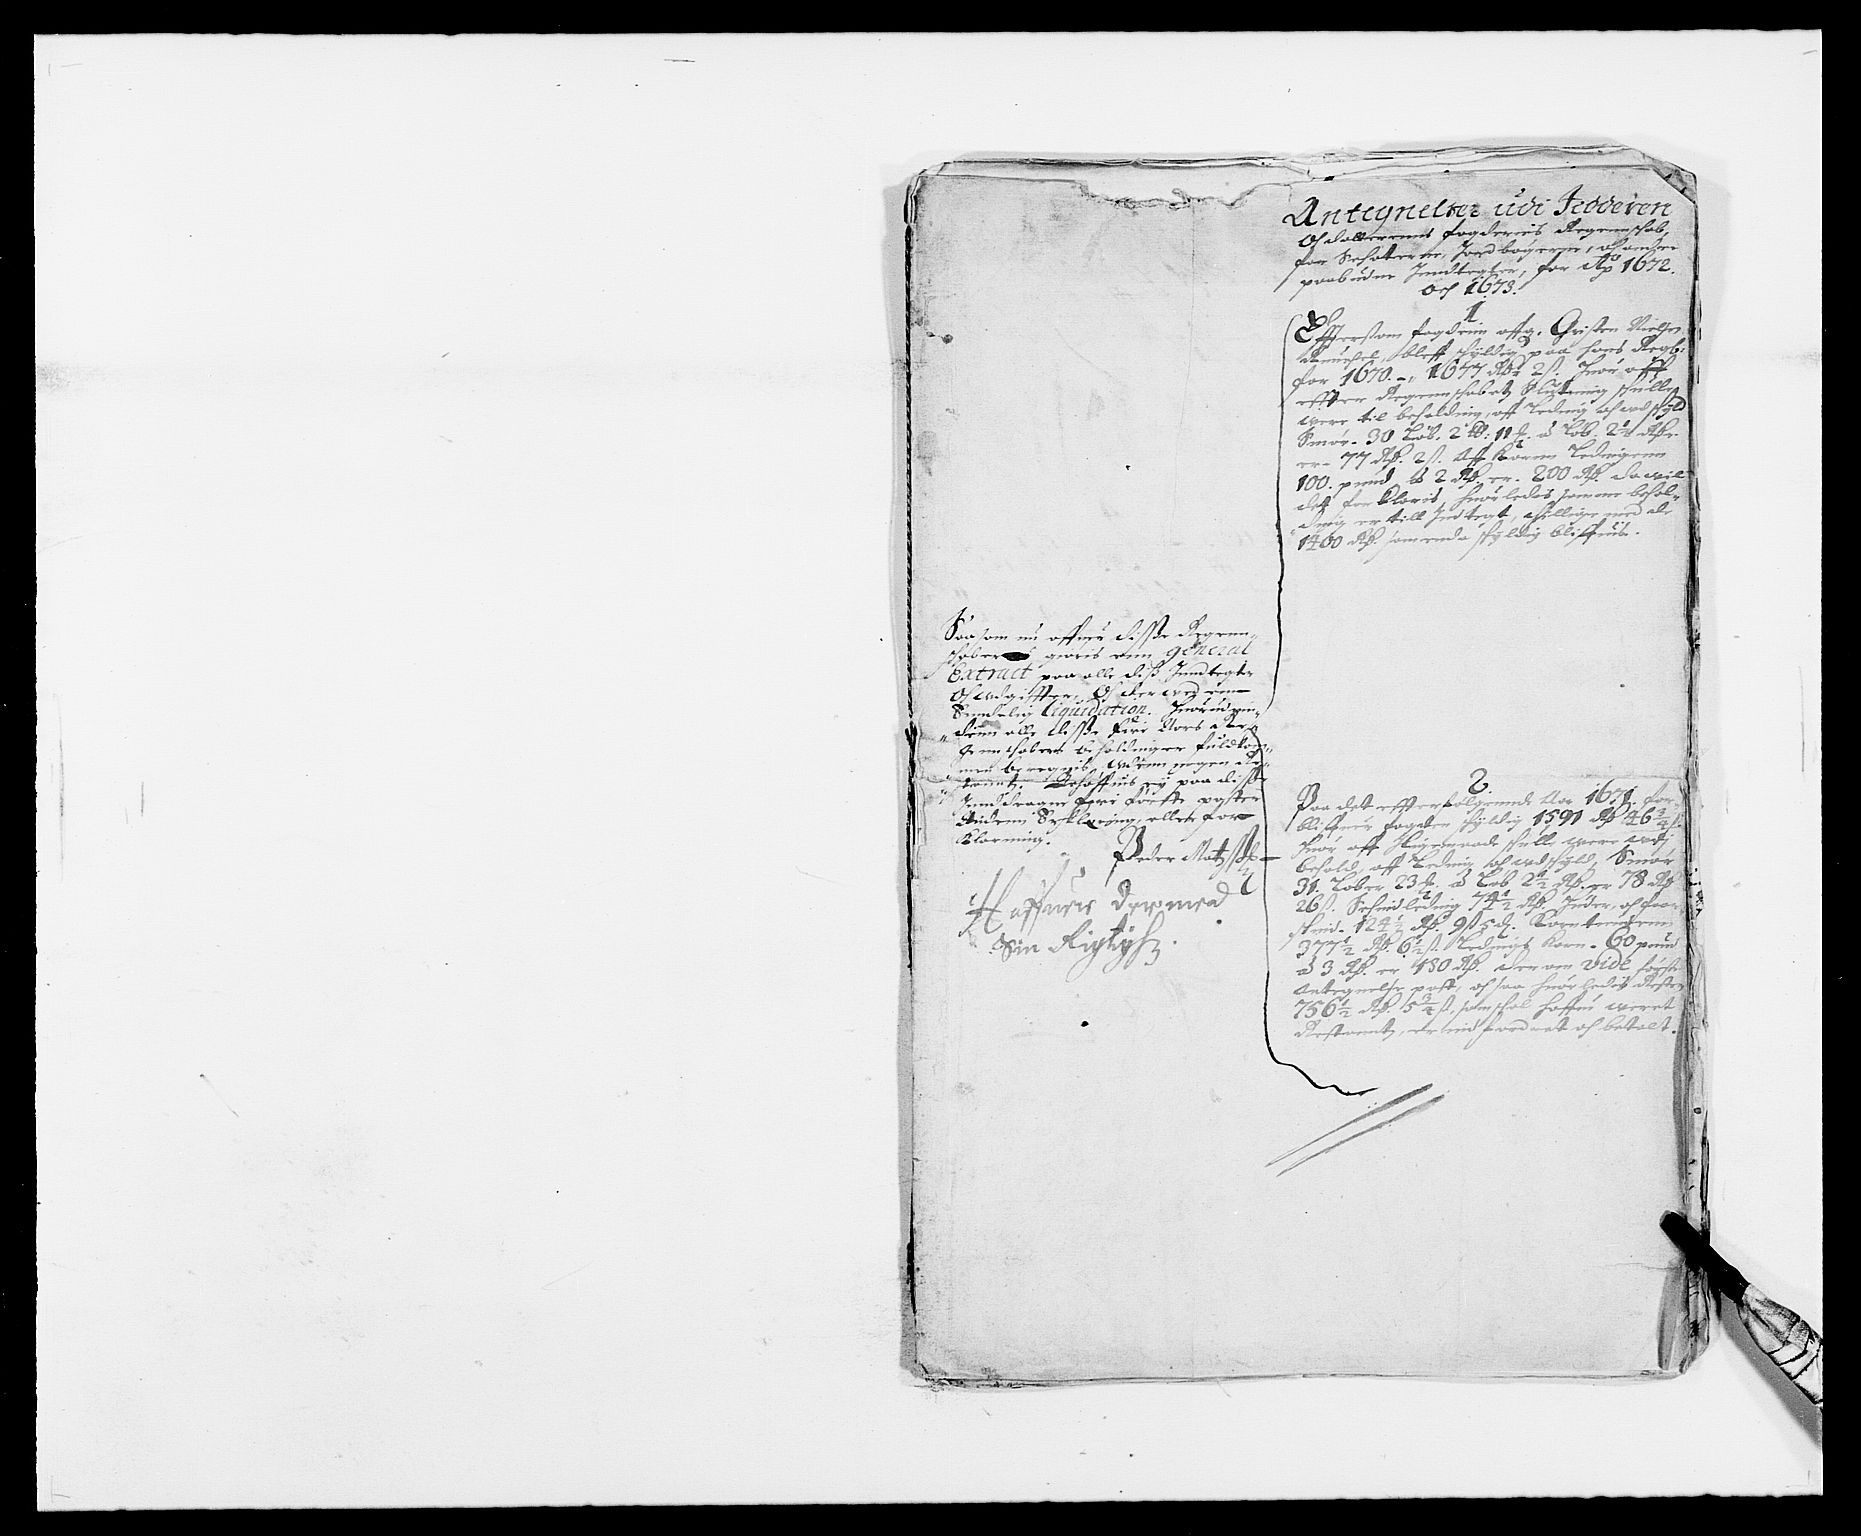 RA, Rentekammeret inntil 1814, Reviderte regnskaper, Fogderegnskap, R46/L2714: Fogderegnskap Jæren og Dalane, 1673-1674, s. 141